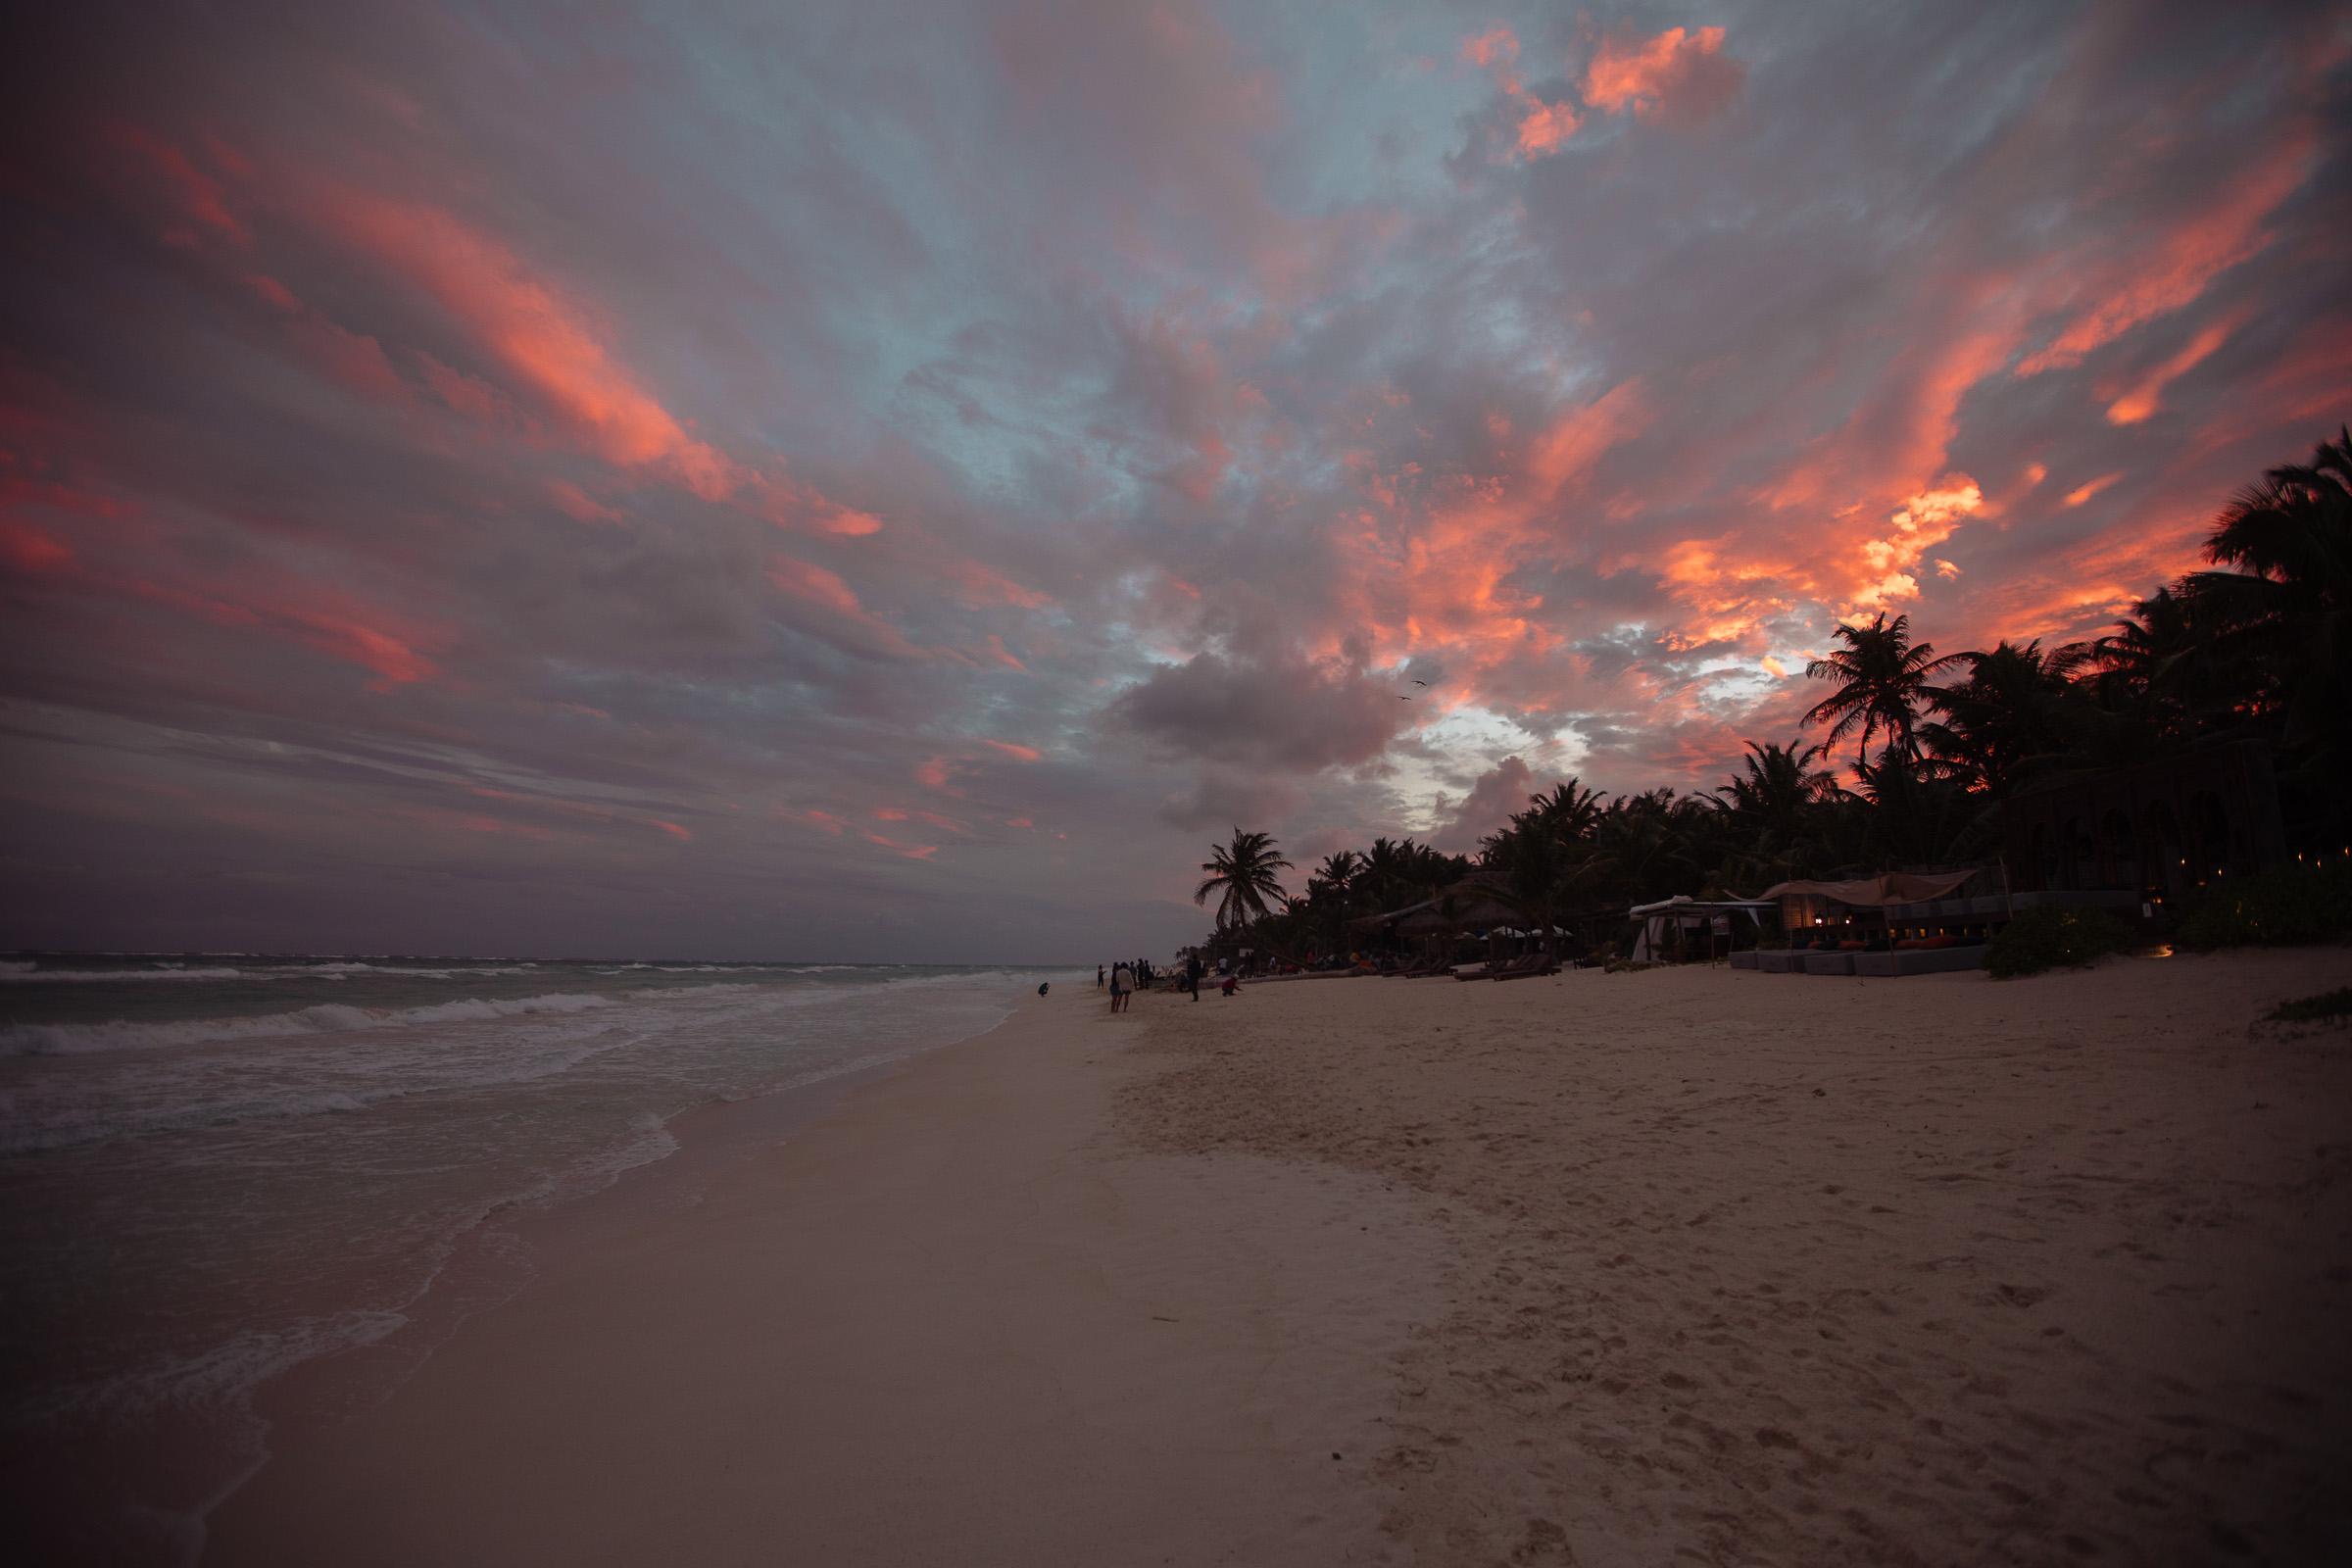 Meer, Brandung, Strand, Palmen und Feuerwolken im Sonnenuntergang